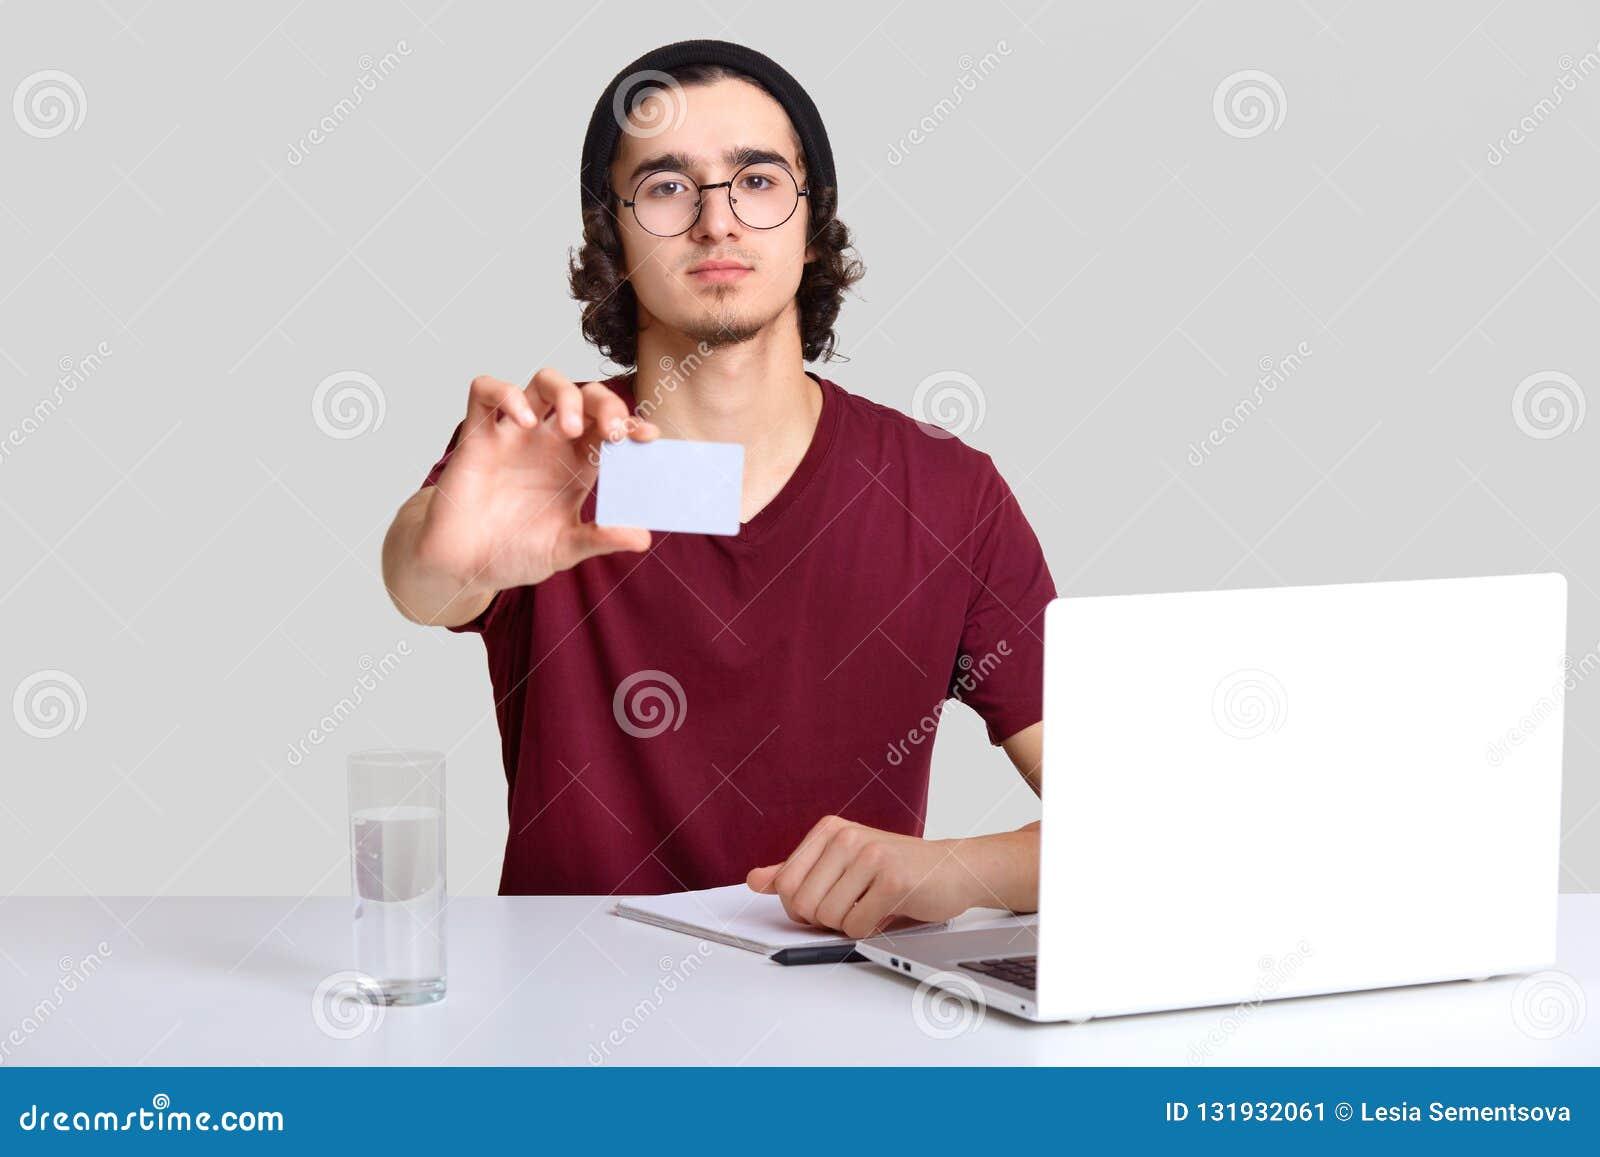 Фрилансер собственной личности уверенный мужской сидит на фронте раскрытого ноутбука, делает примечания, протягивает руку с пусто